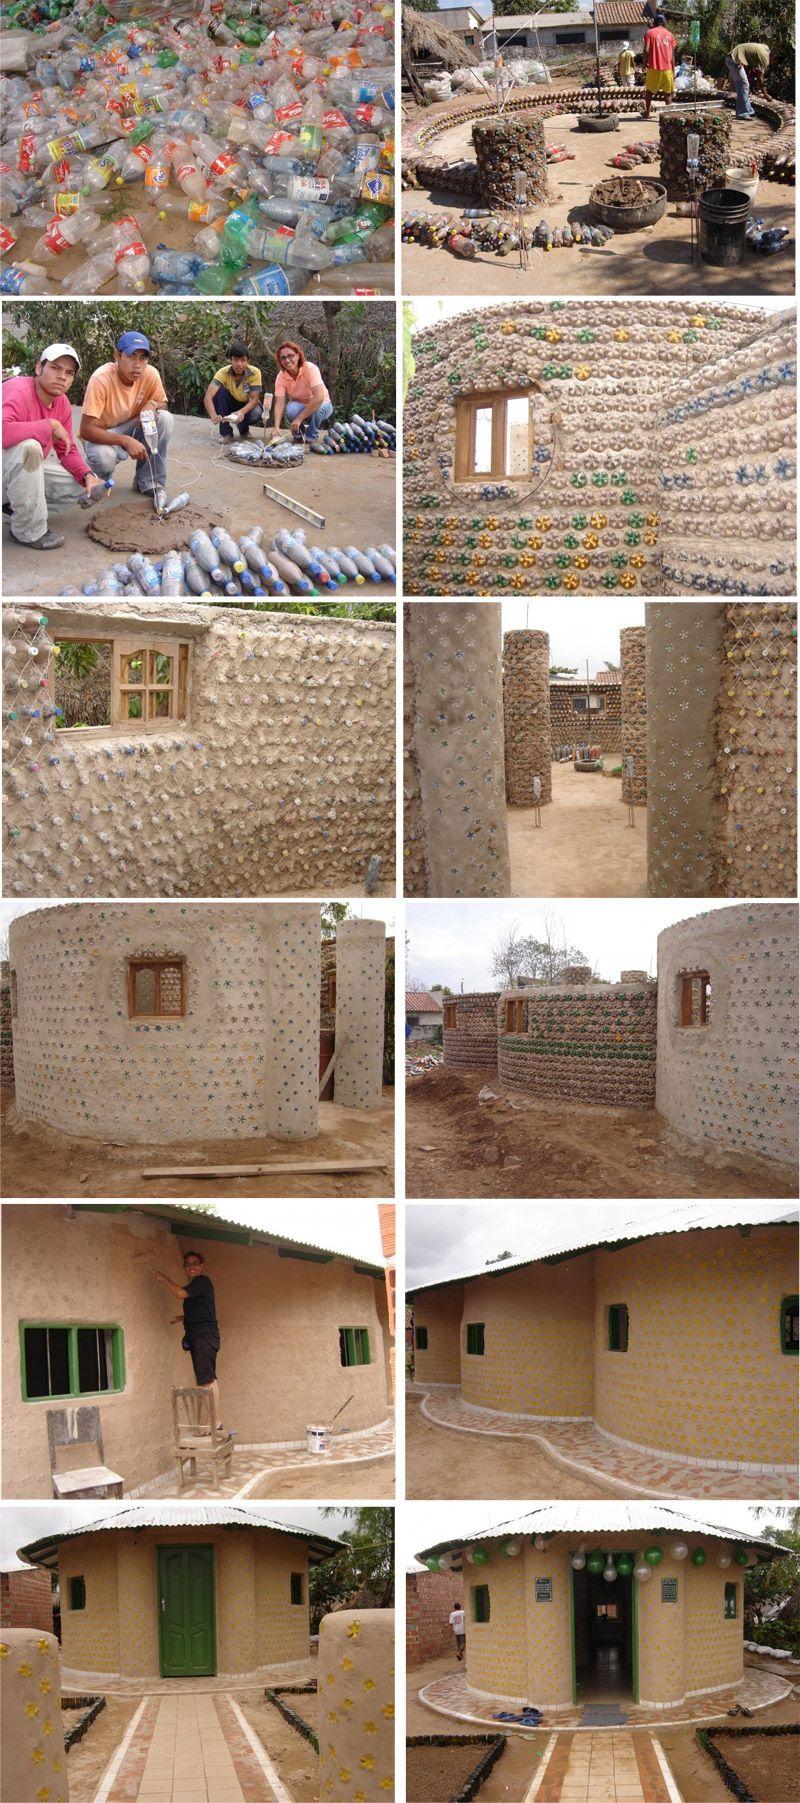 casa de botellas bolivia ingrid vaca diez construcci n pinterest bouteille maison et. Black Bedroom Furniture Sets. Home Design Ideas